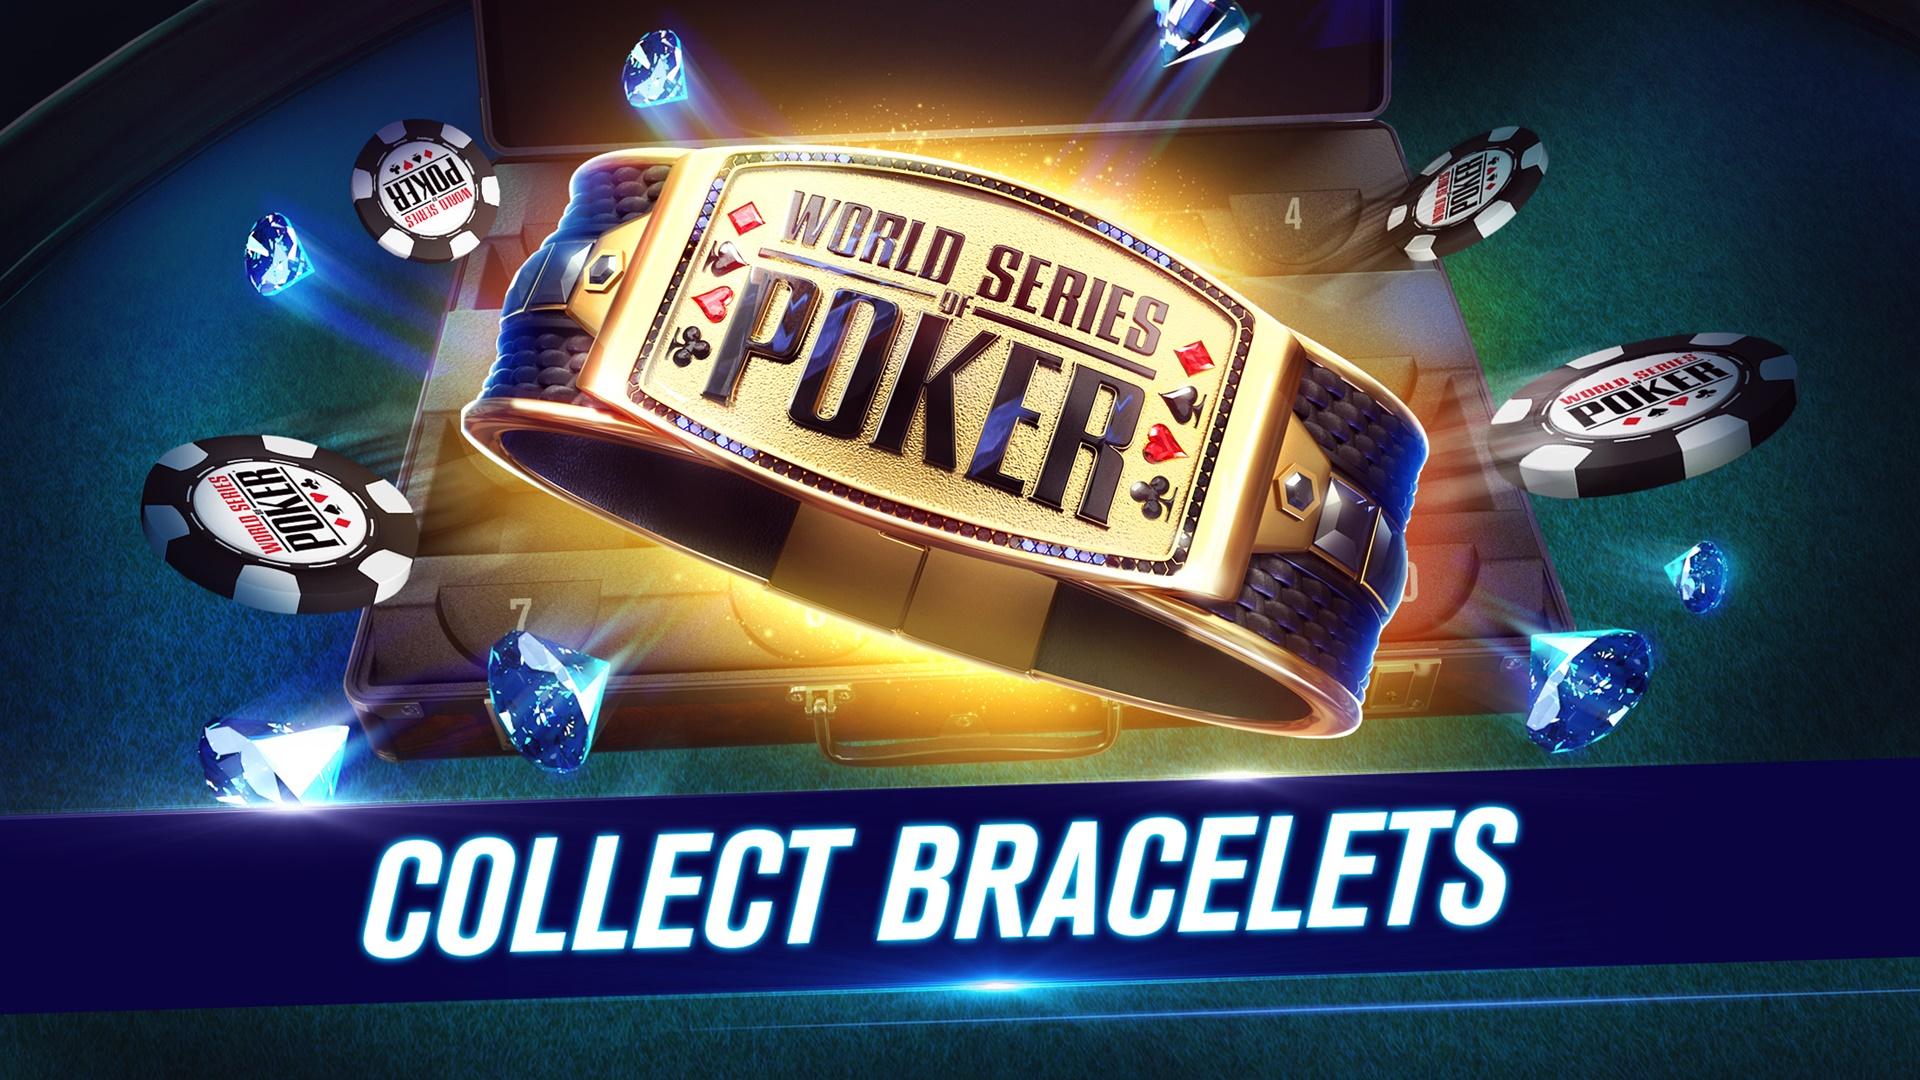 Fakta om online casino 692564